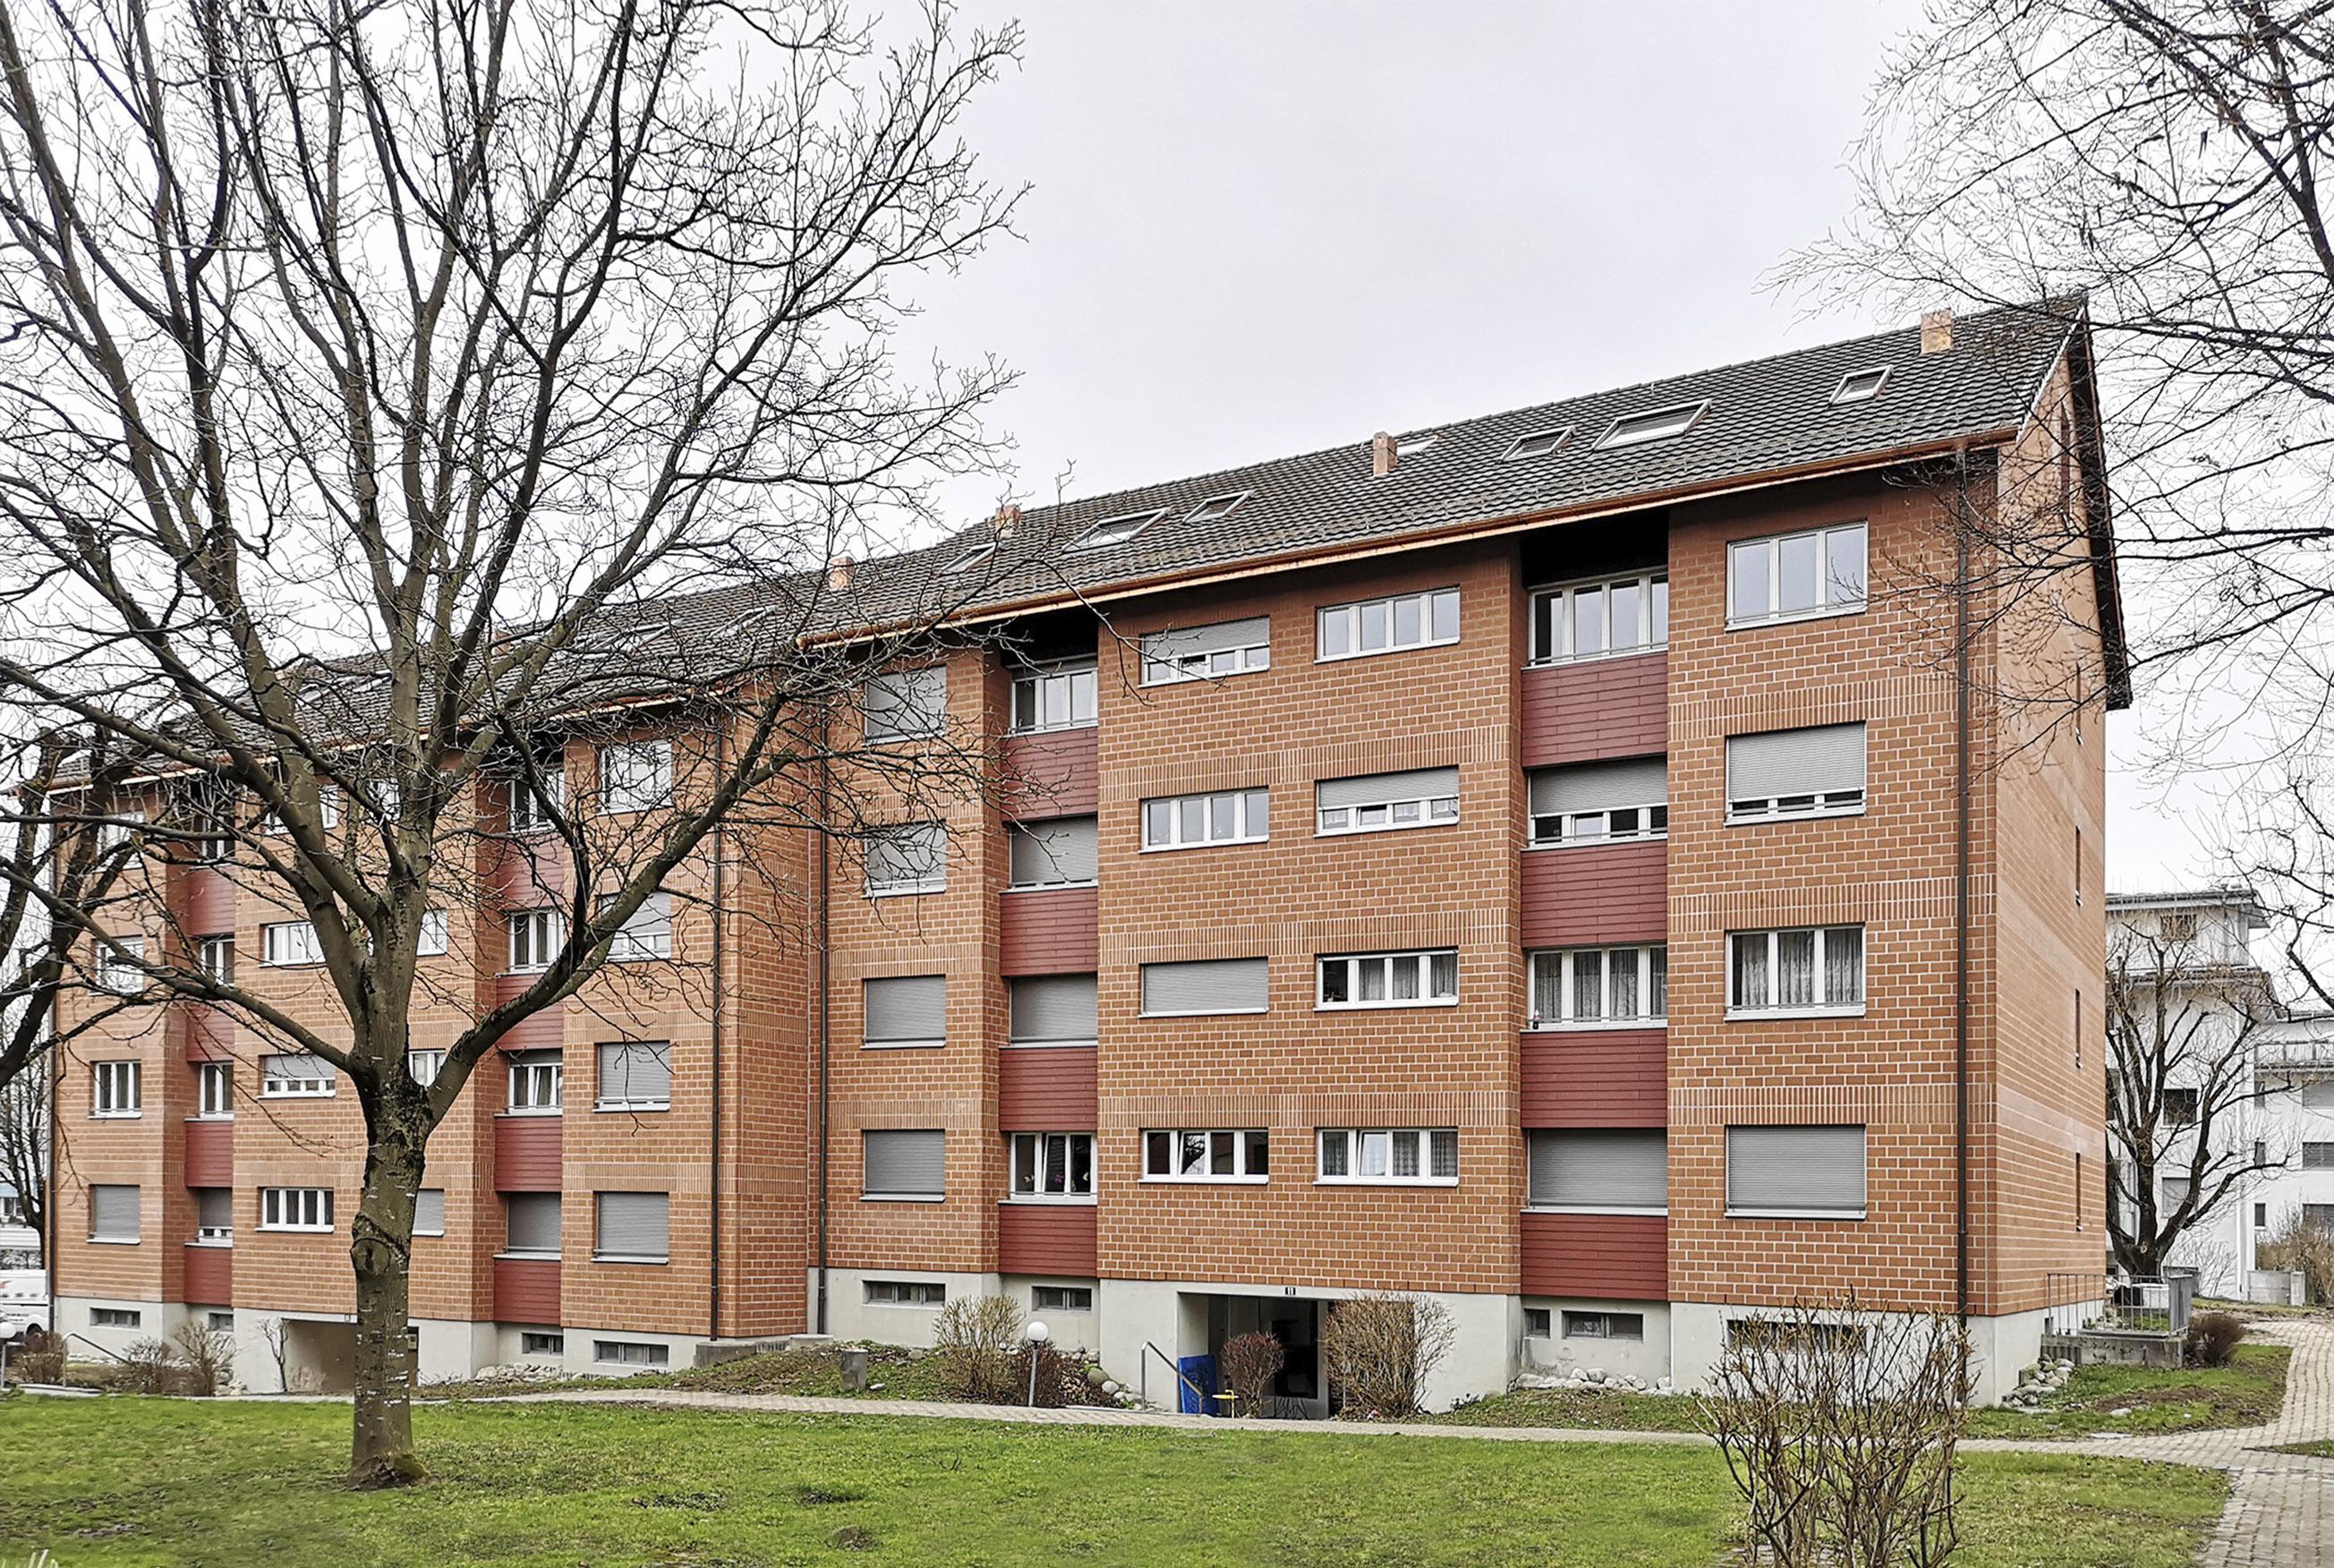 Auwertung Aussentraum und der Fassade mit Fenster/Storen/Anschlüsse